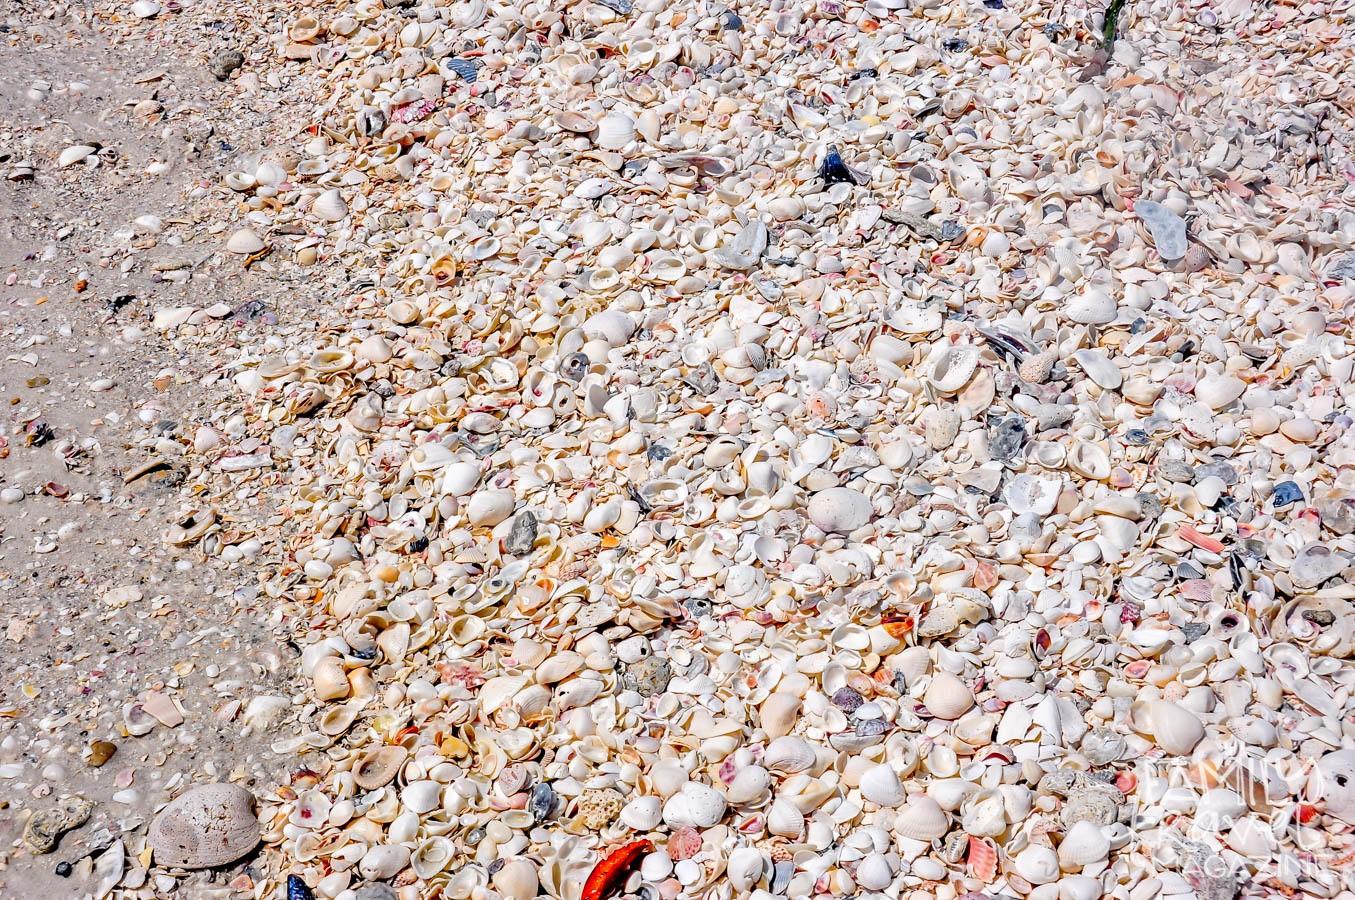 Shells on a beach in the Gulf Coast